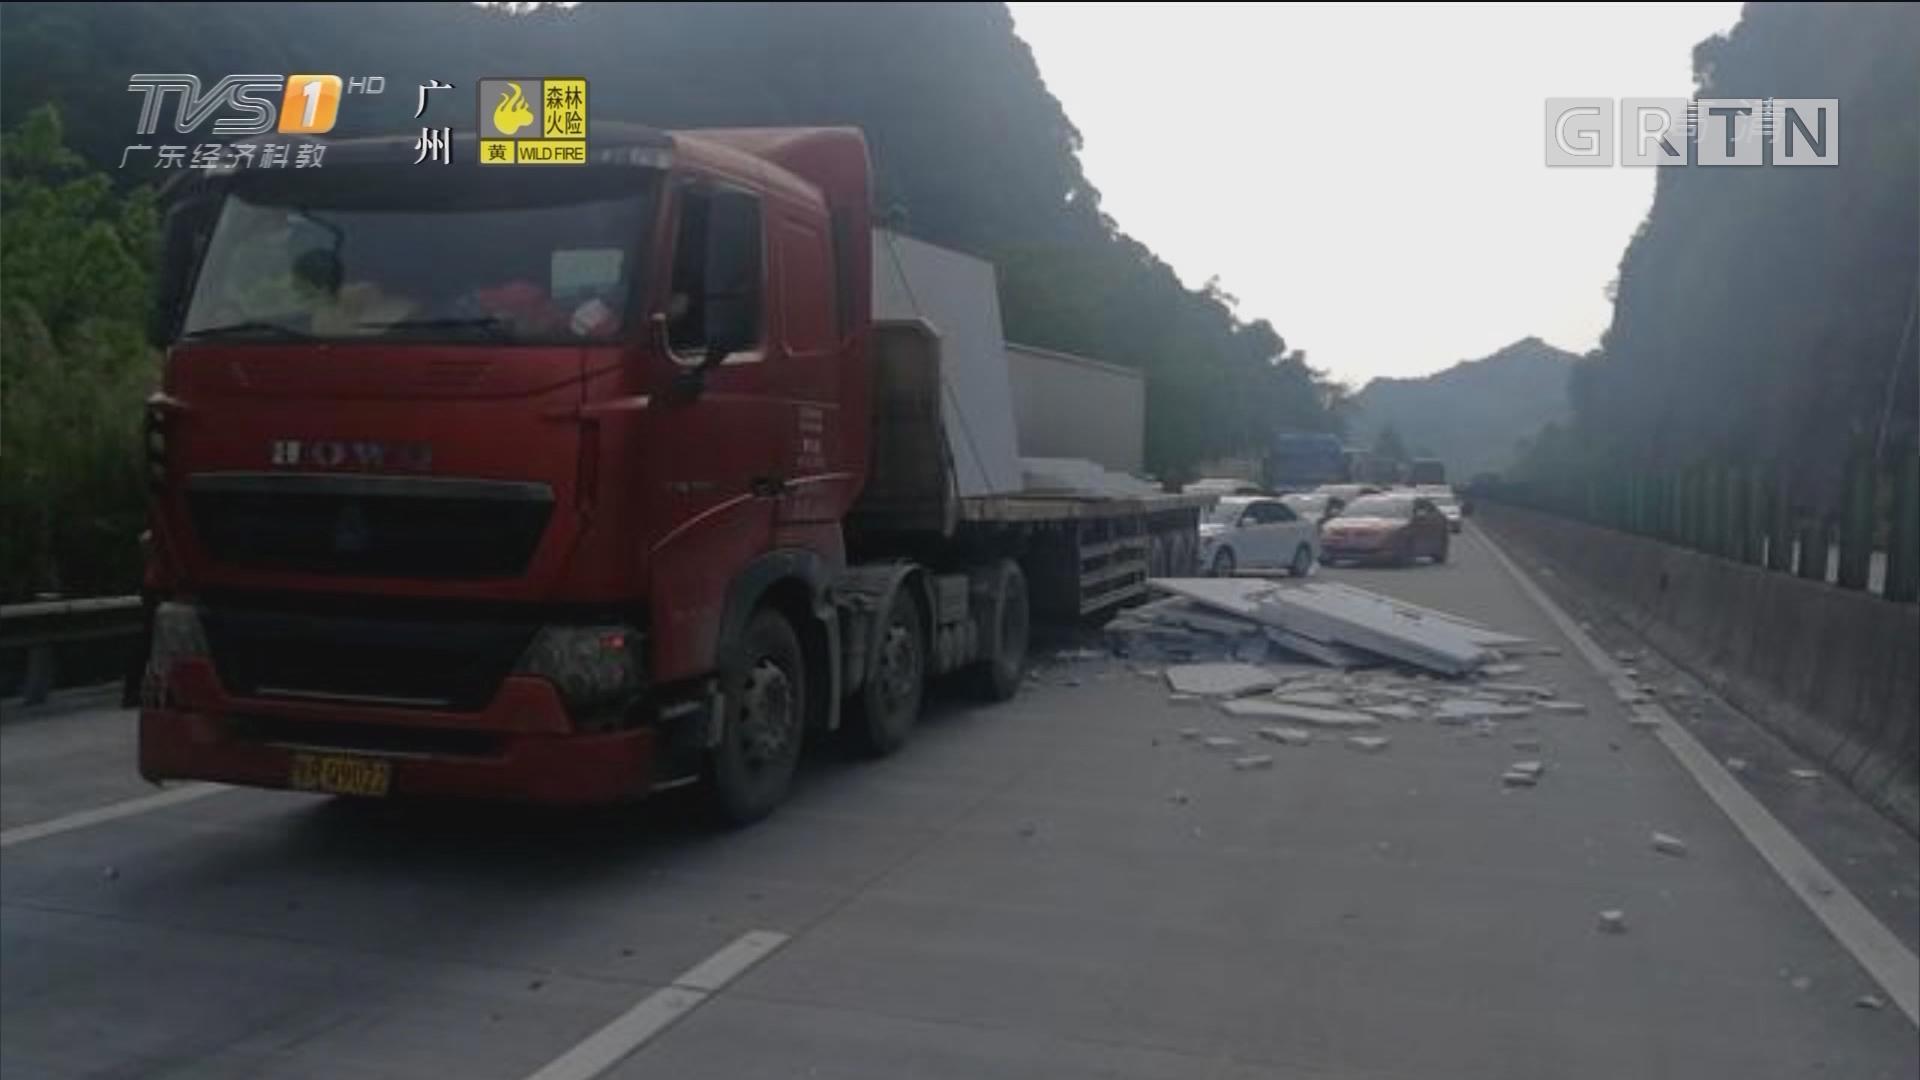 清连高速:货车侧滑致大理石板散落高速 紧急疏通